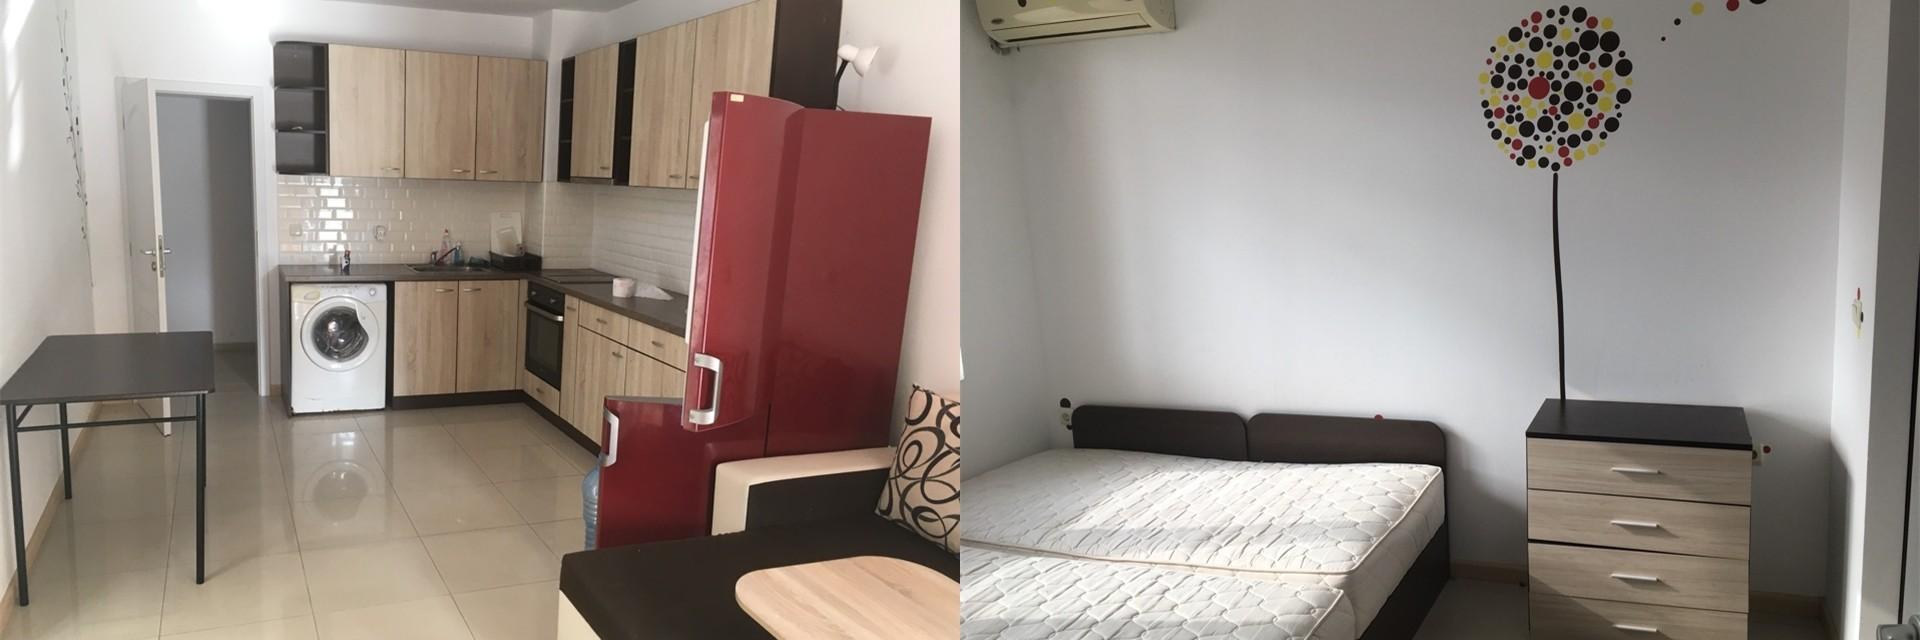 Напълно обзаведен апартамент